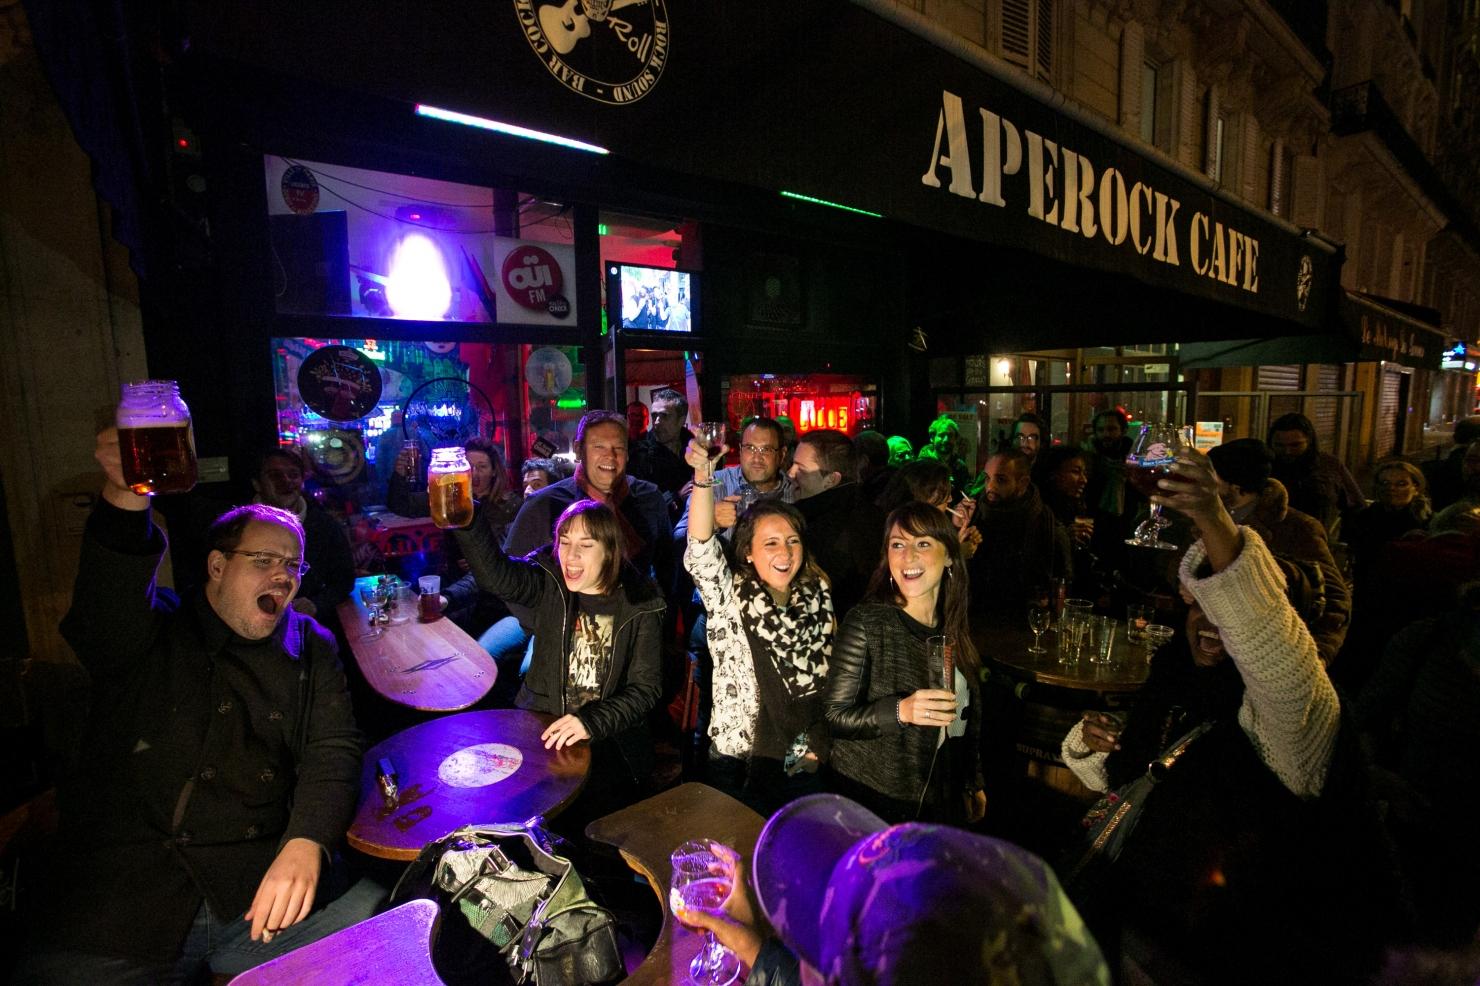 Parisul, la o săptămână după atentate